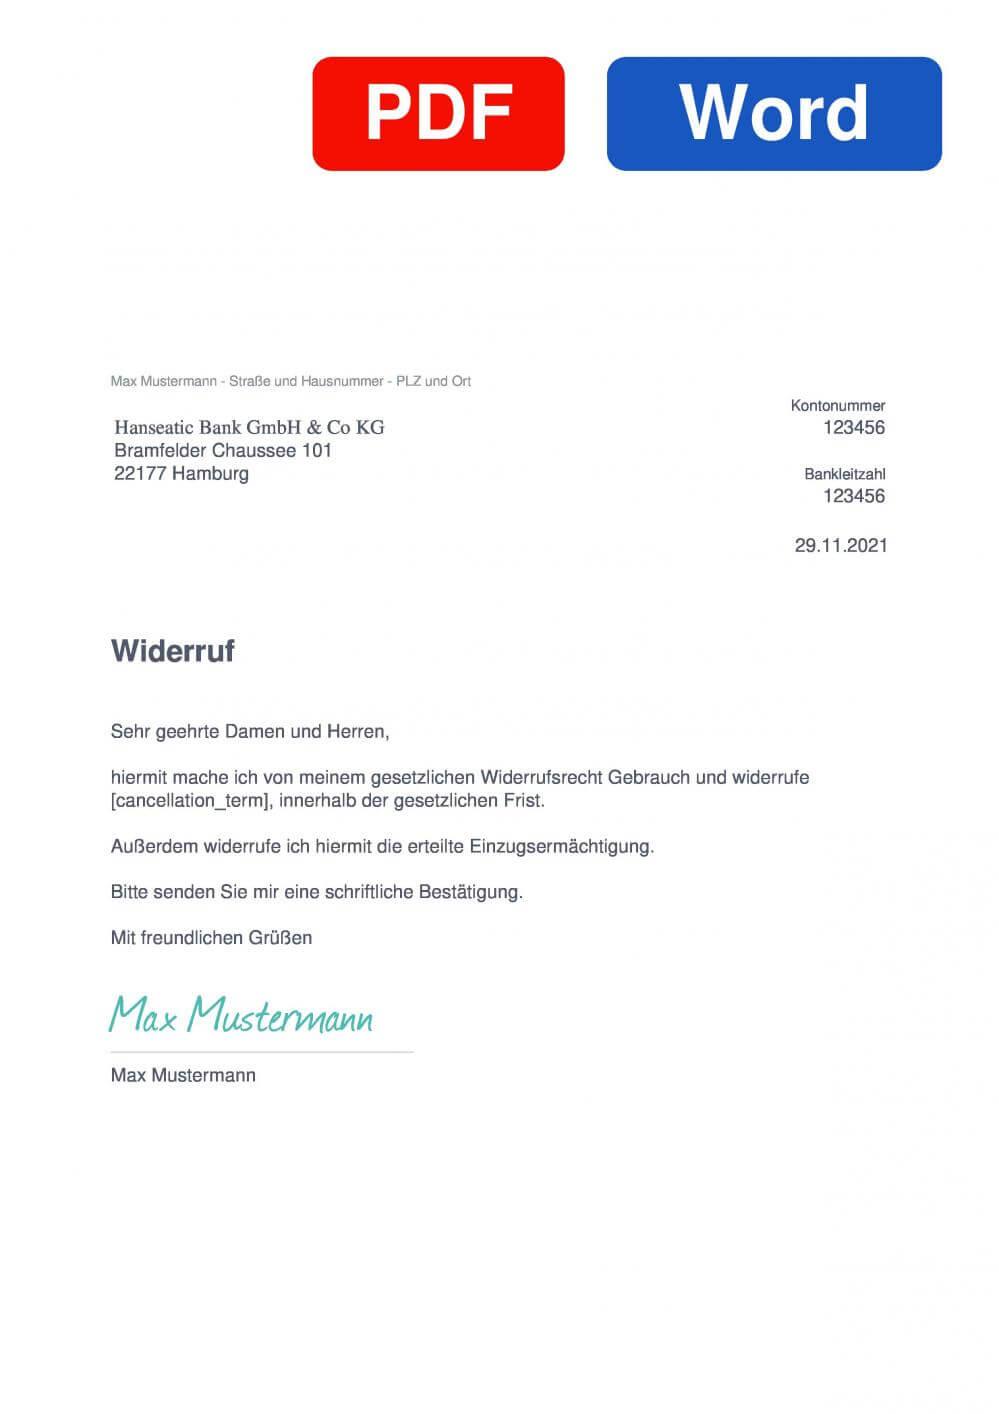 Hanseatic Bank Muster Vorlage für Wiederrufsschreiben